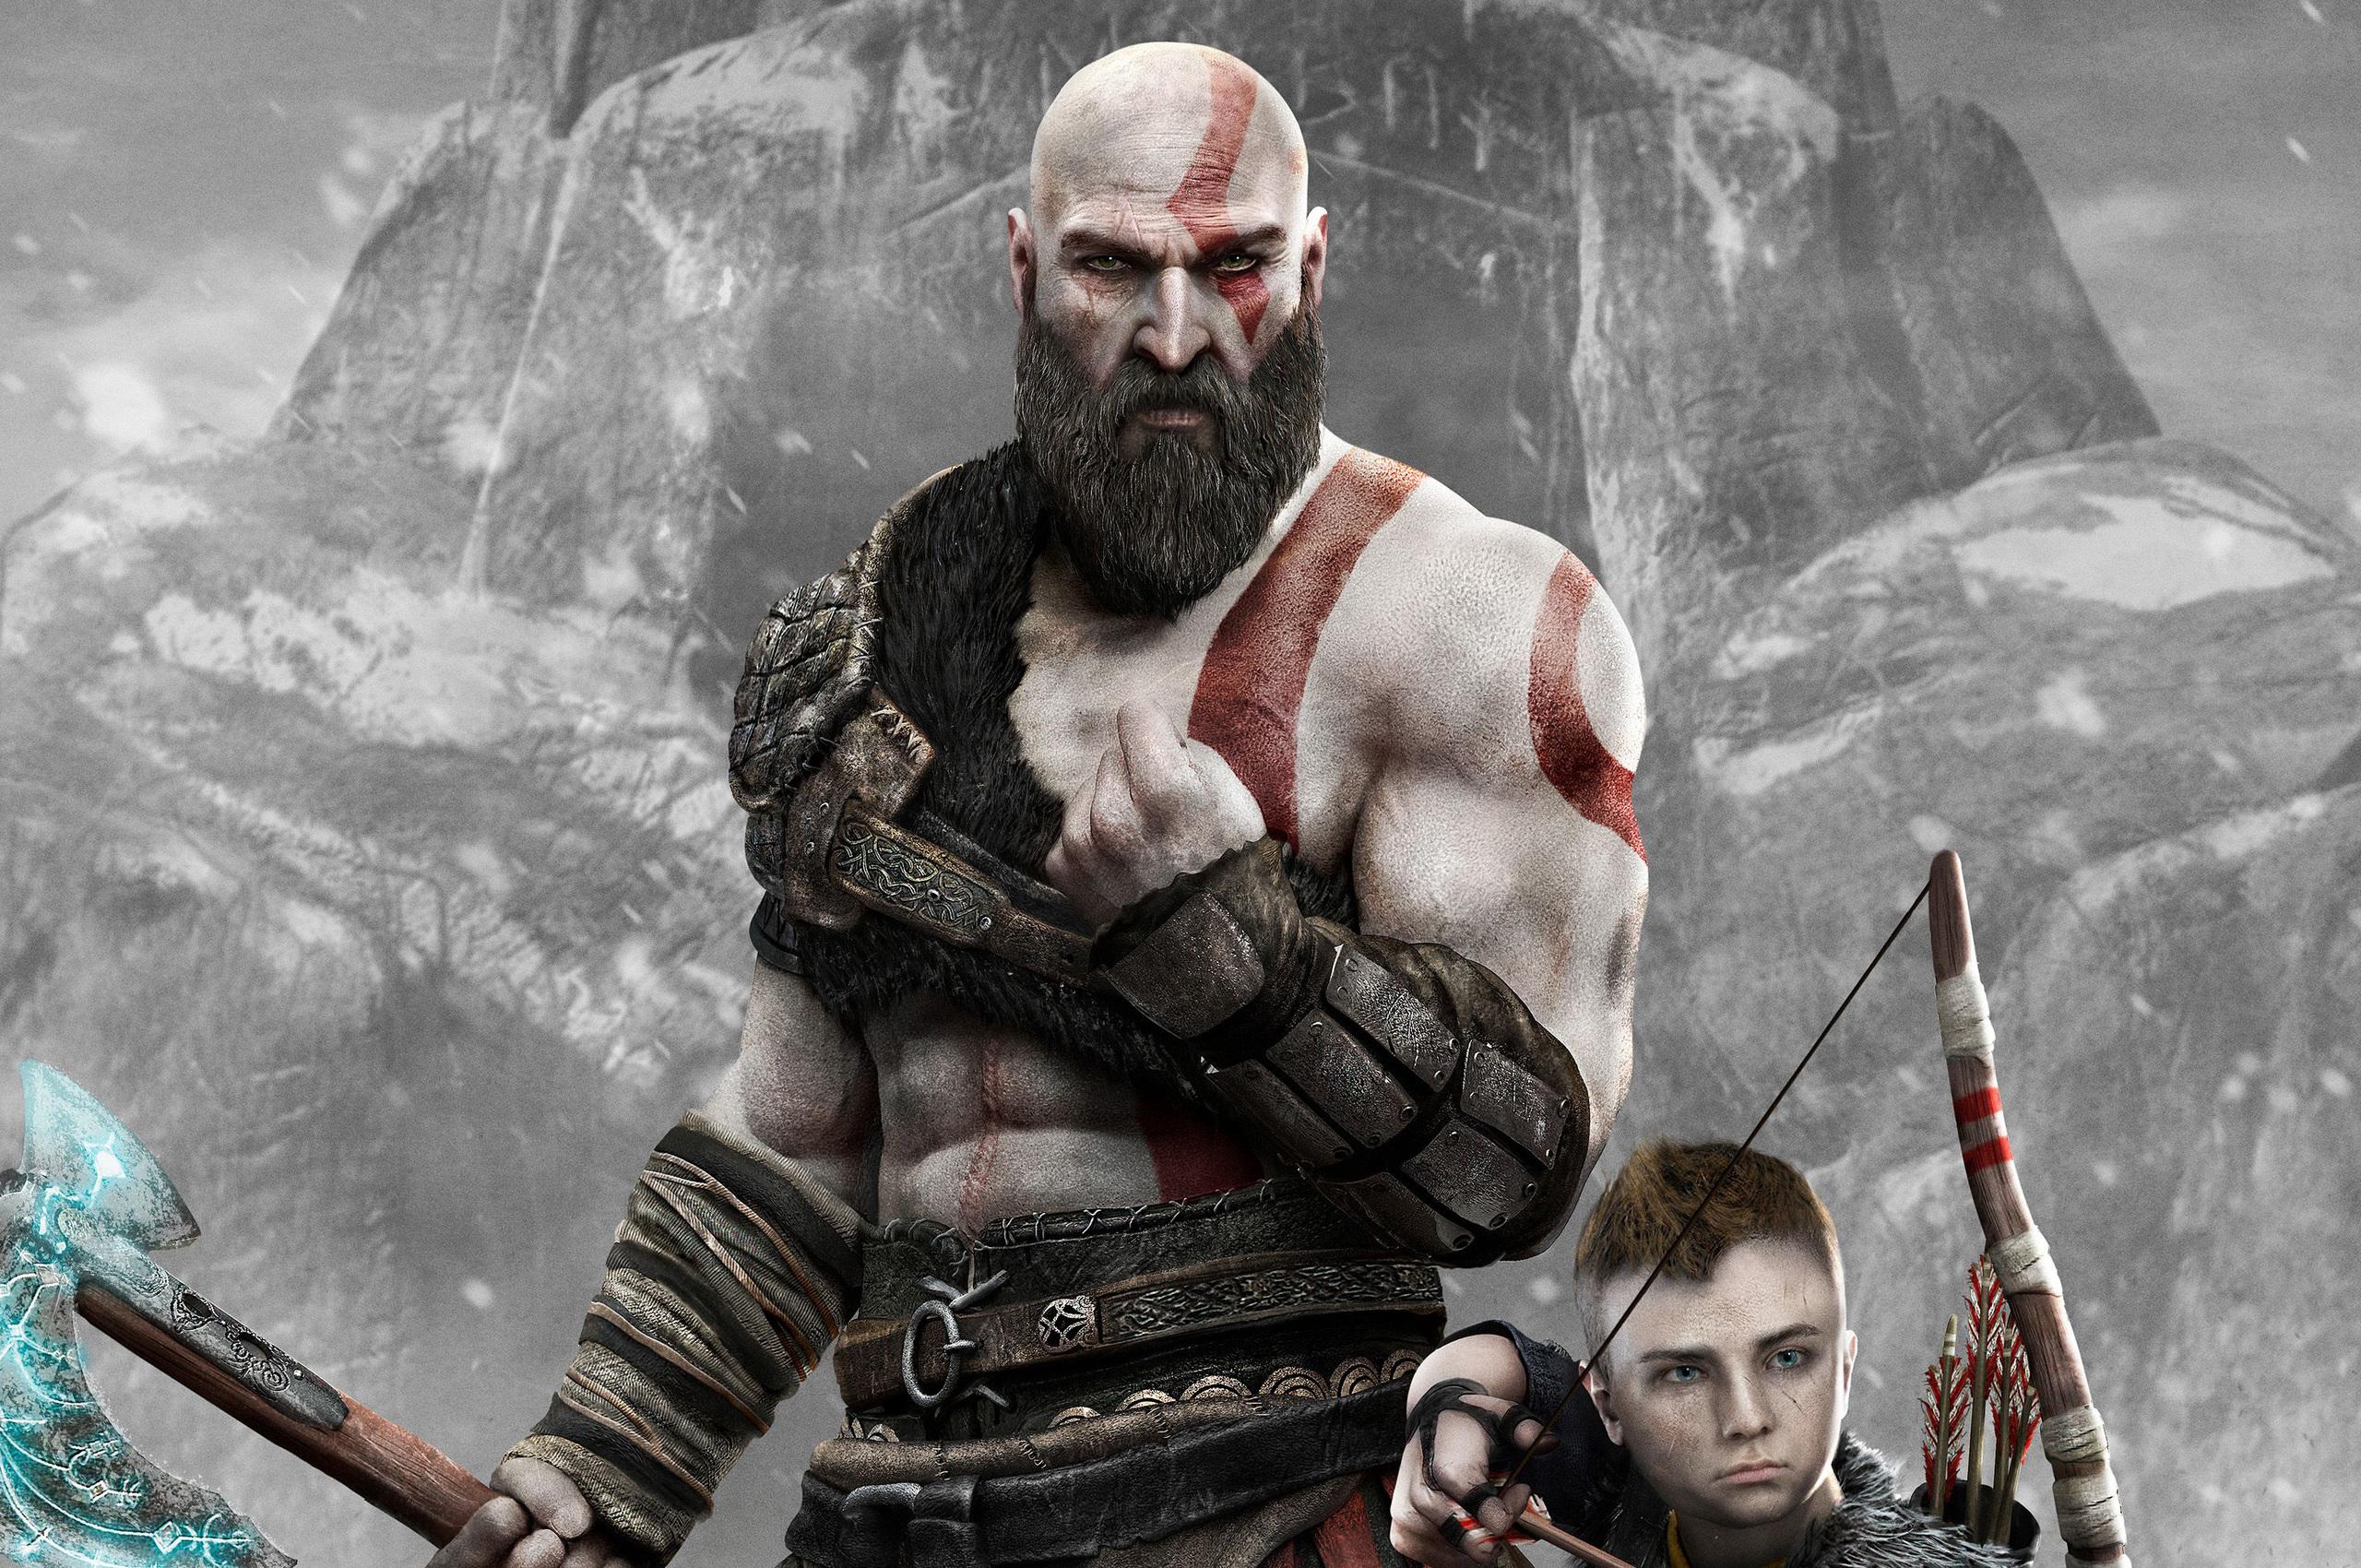 2560x1700 Kratos And Atreus God Of War 4 4k 2018 Chromebook